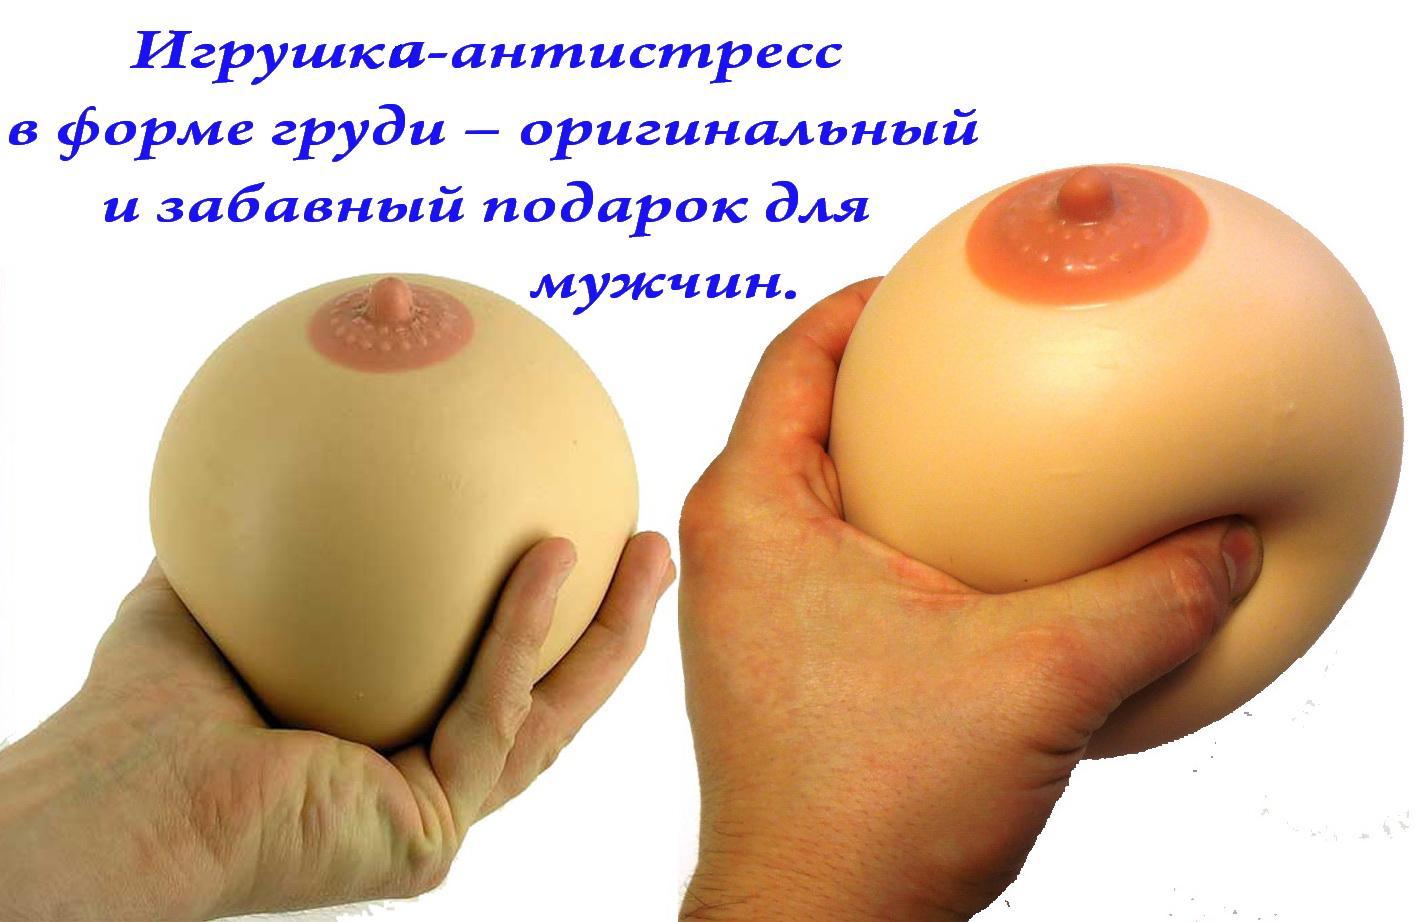 Чем отличаются сиськи от груди 4 фотография